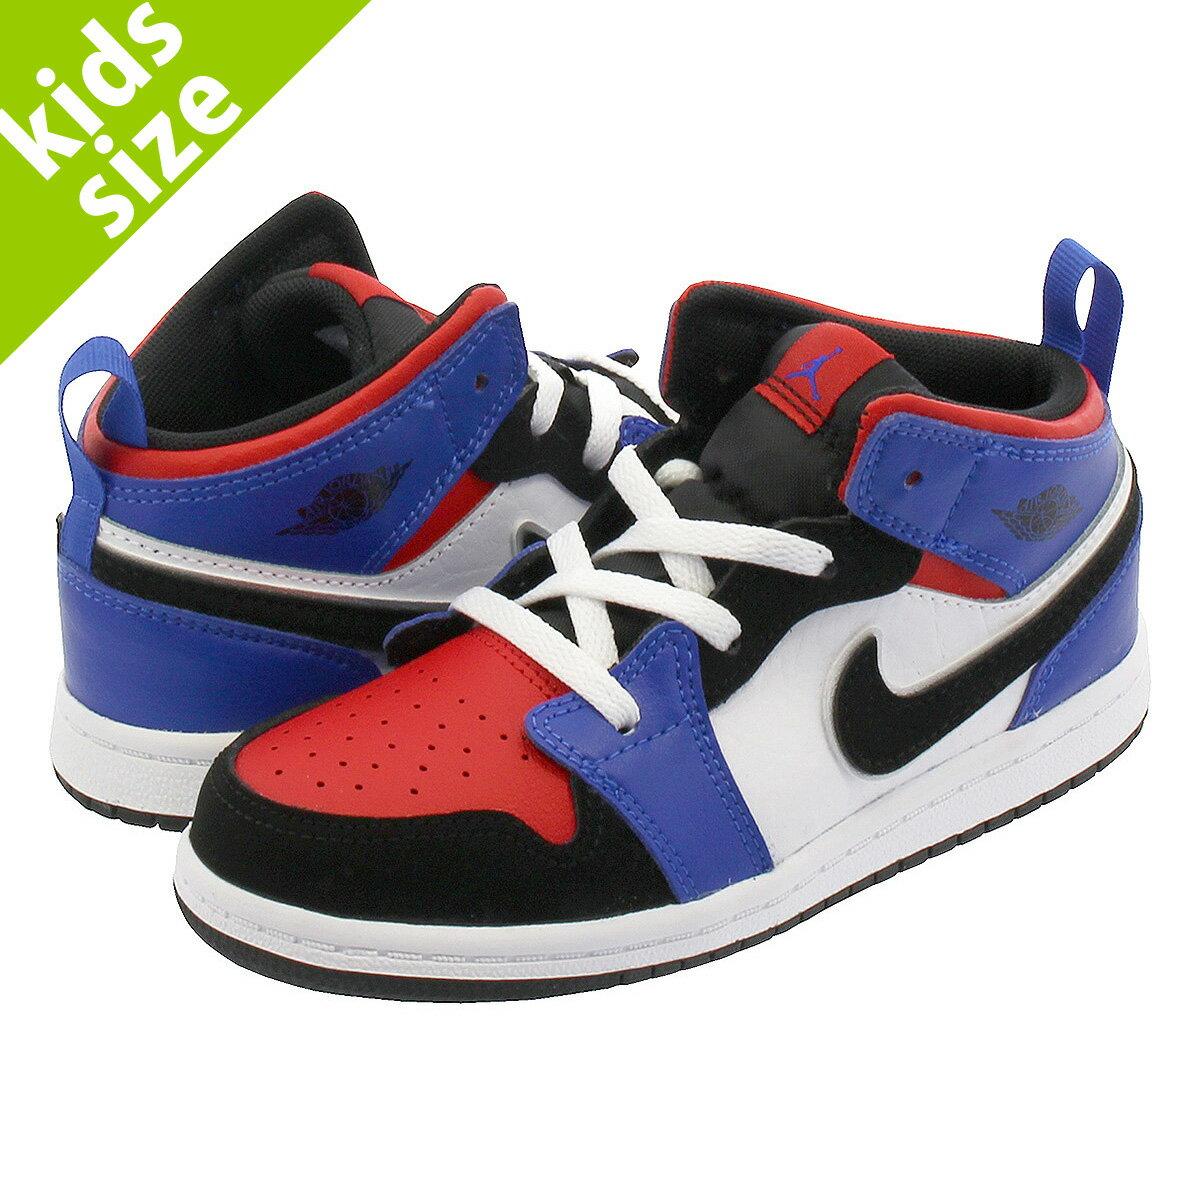 靴, スニーカー 8-16cm NIKE AIR JORDAN 1 MID BT TOP3 1 BT 640735-124